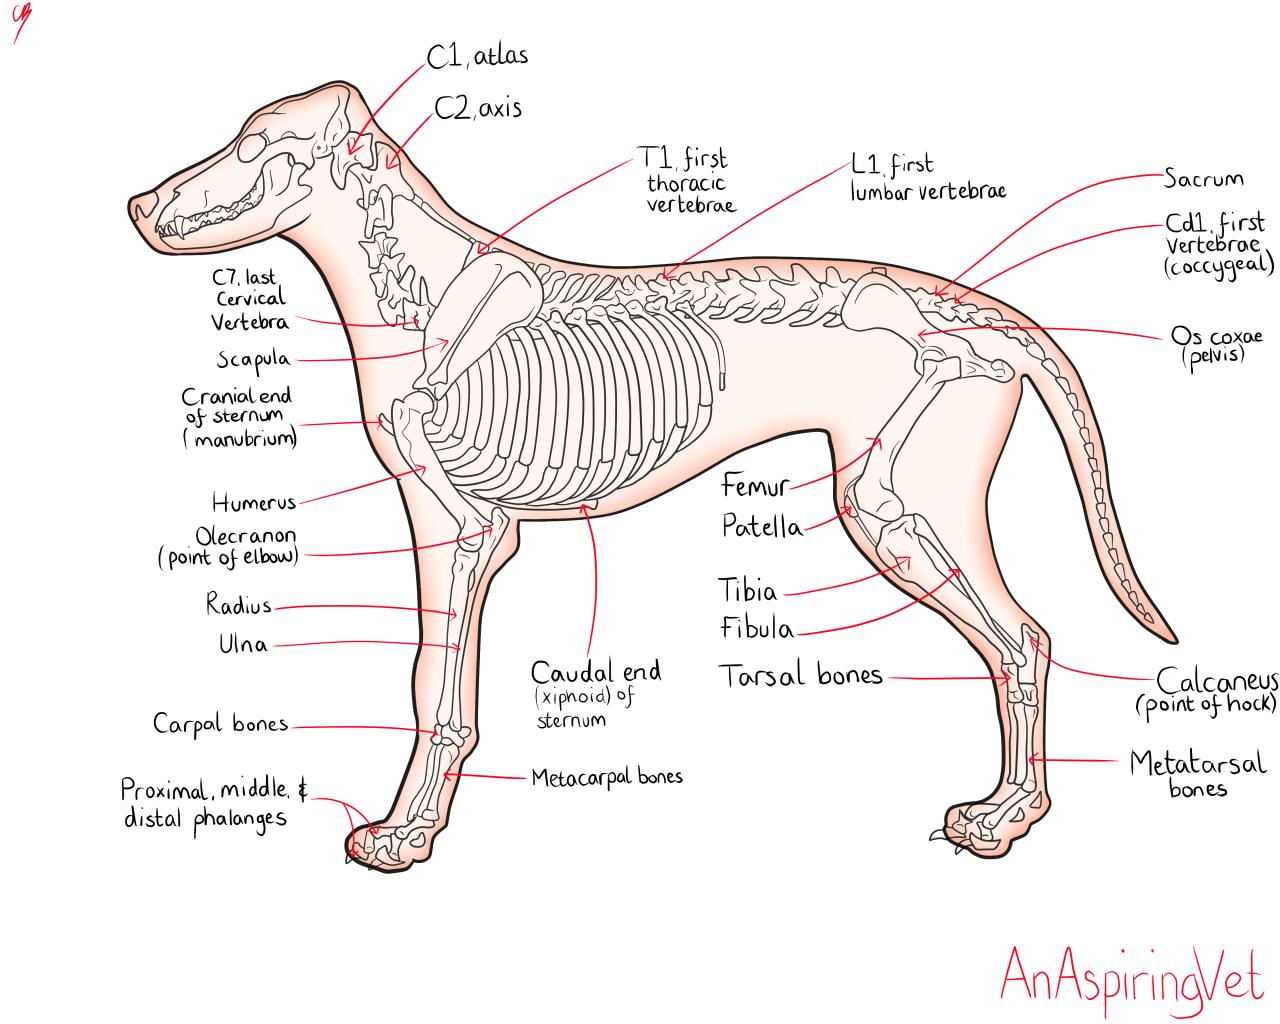 Anaspiringvet I Drew A Picture Of Canine Anatomy For You Guys